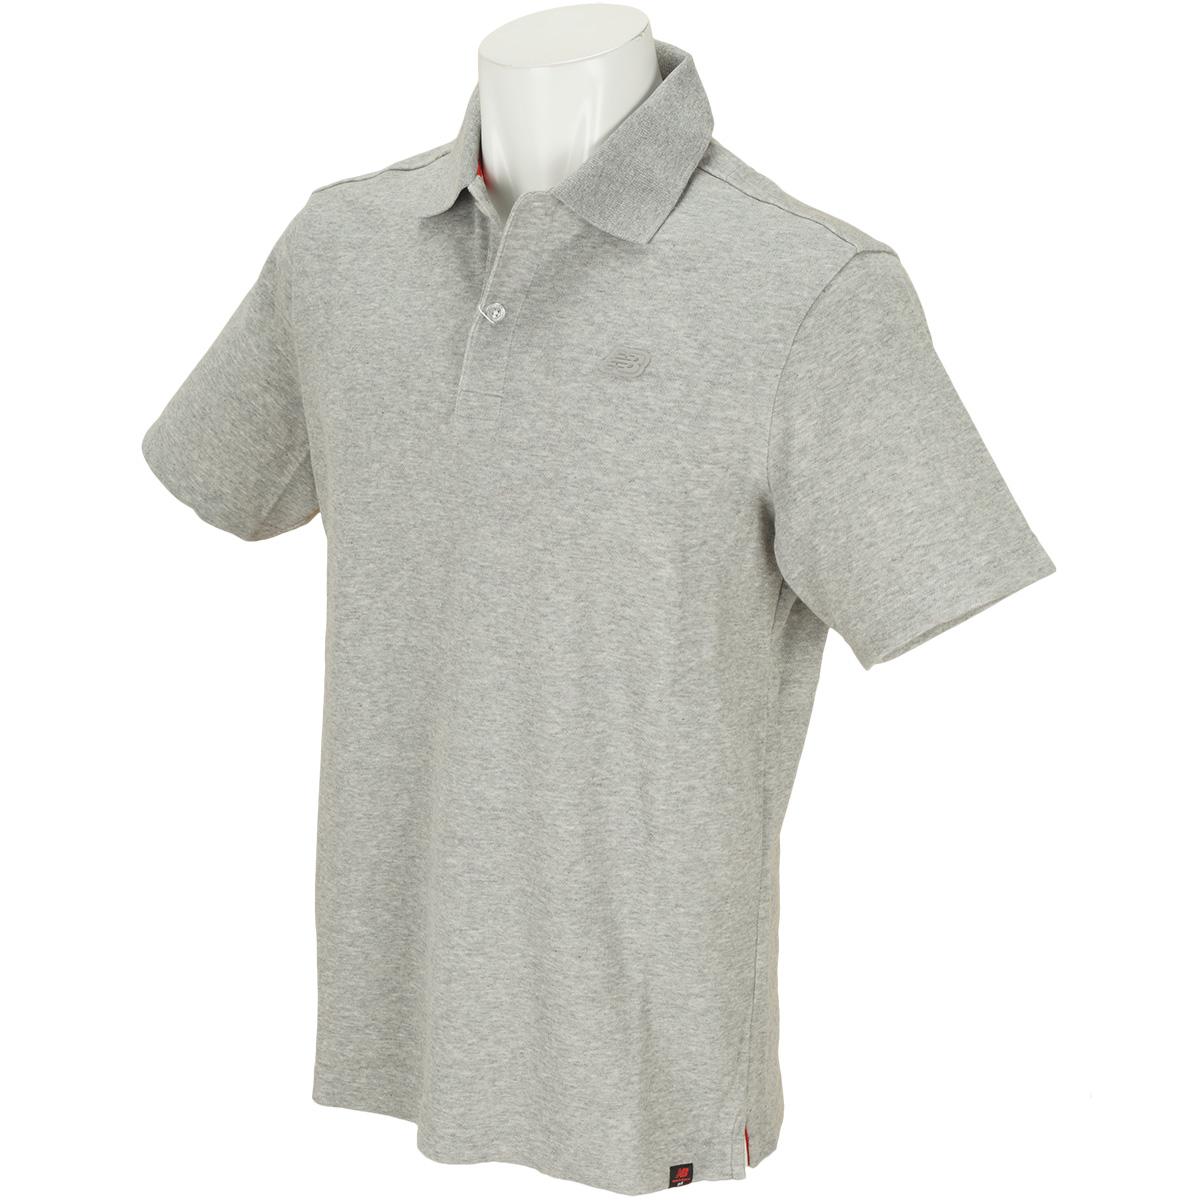 METRO メッシュ 半袖ポロシャツ